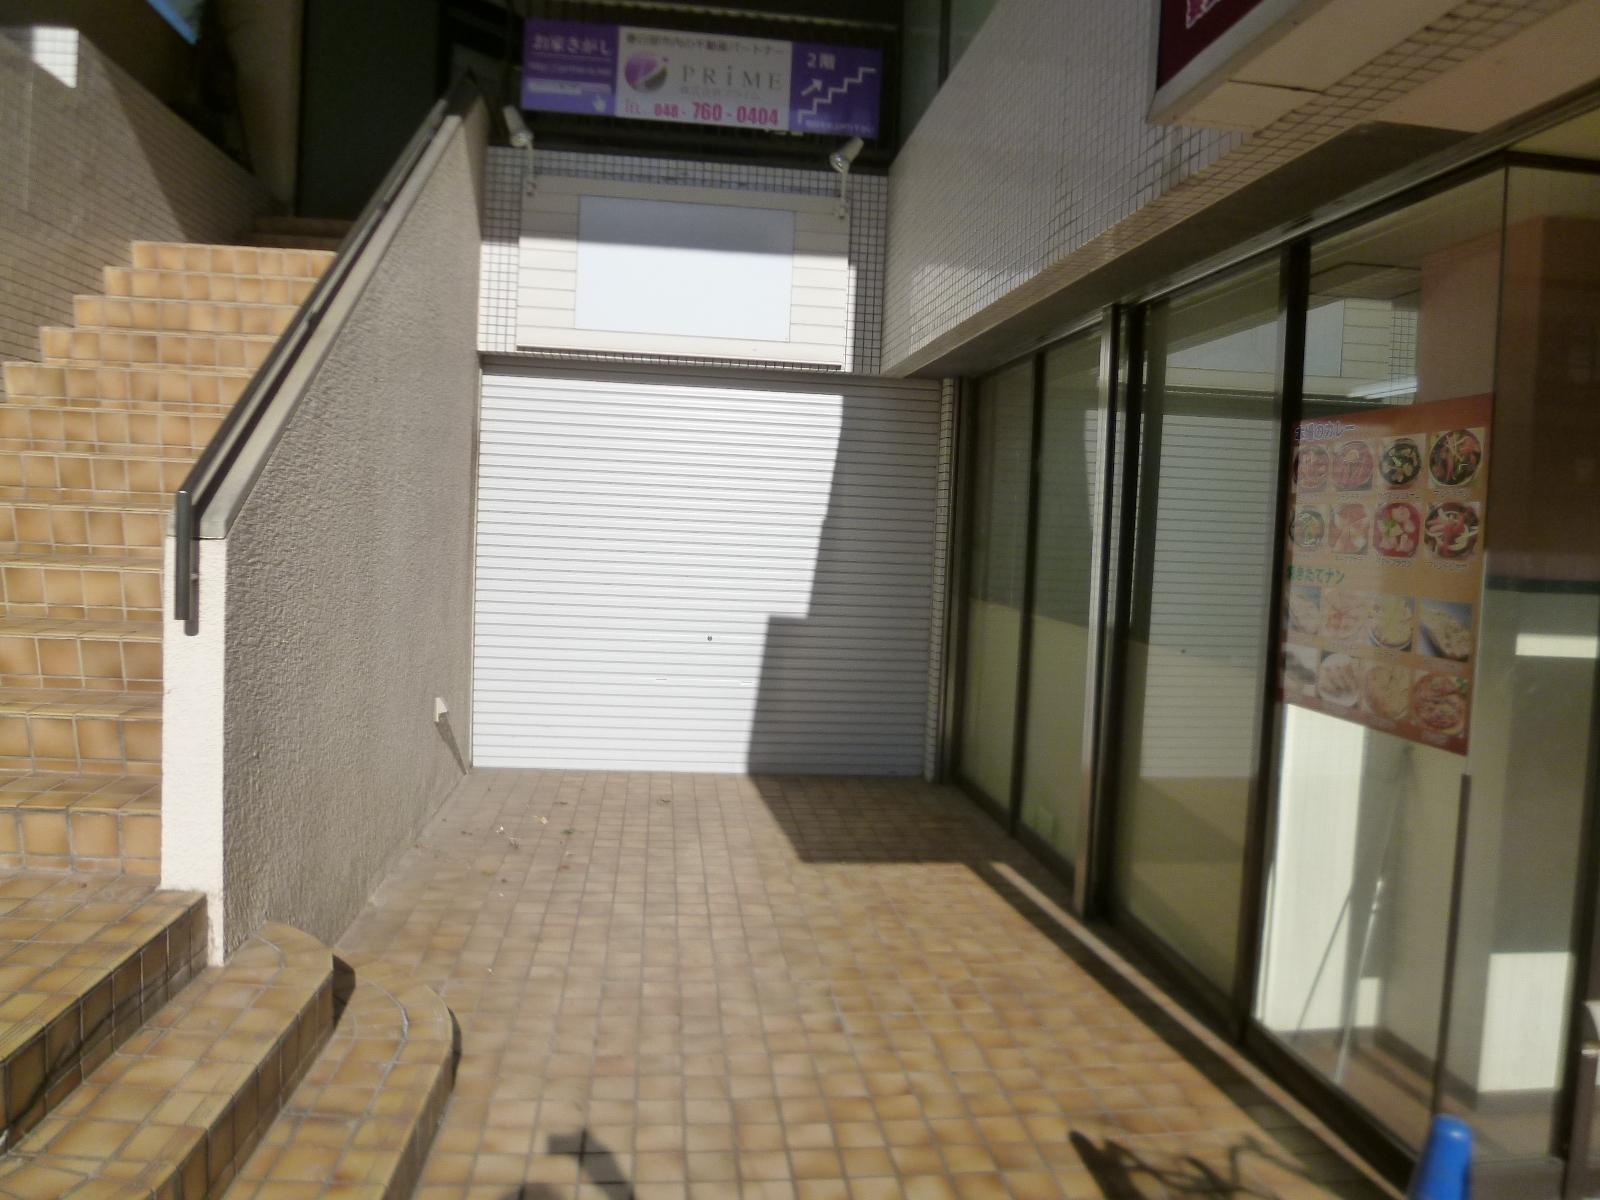 Lec Plaza 1F